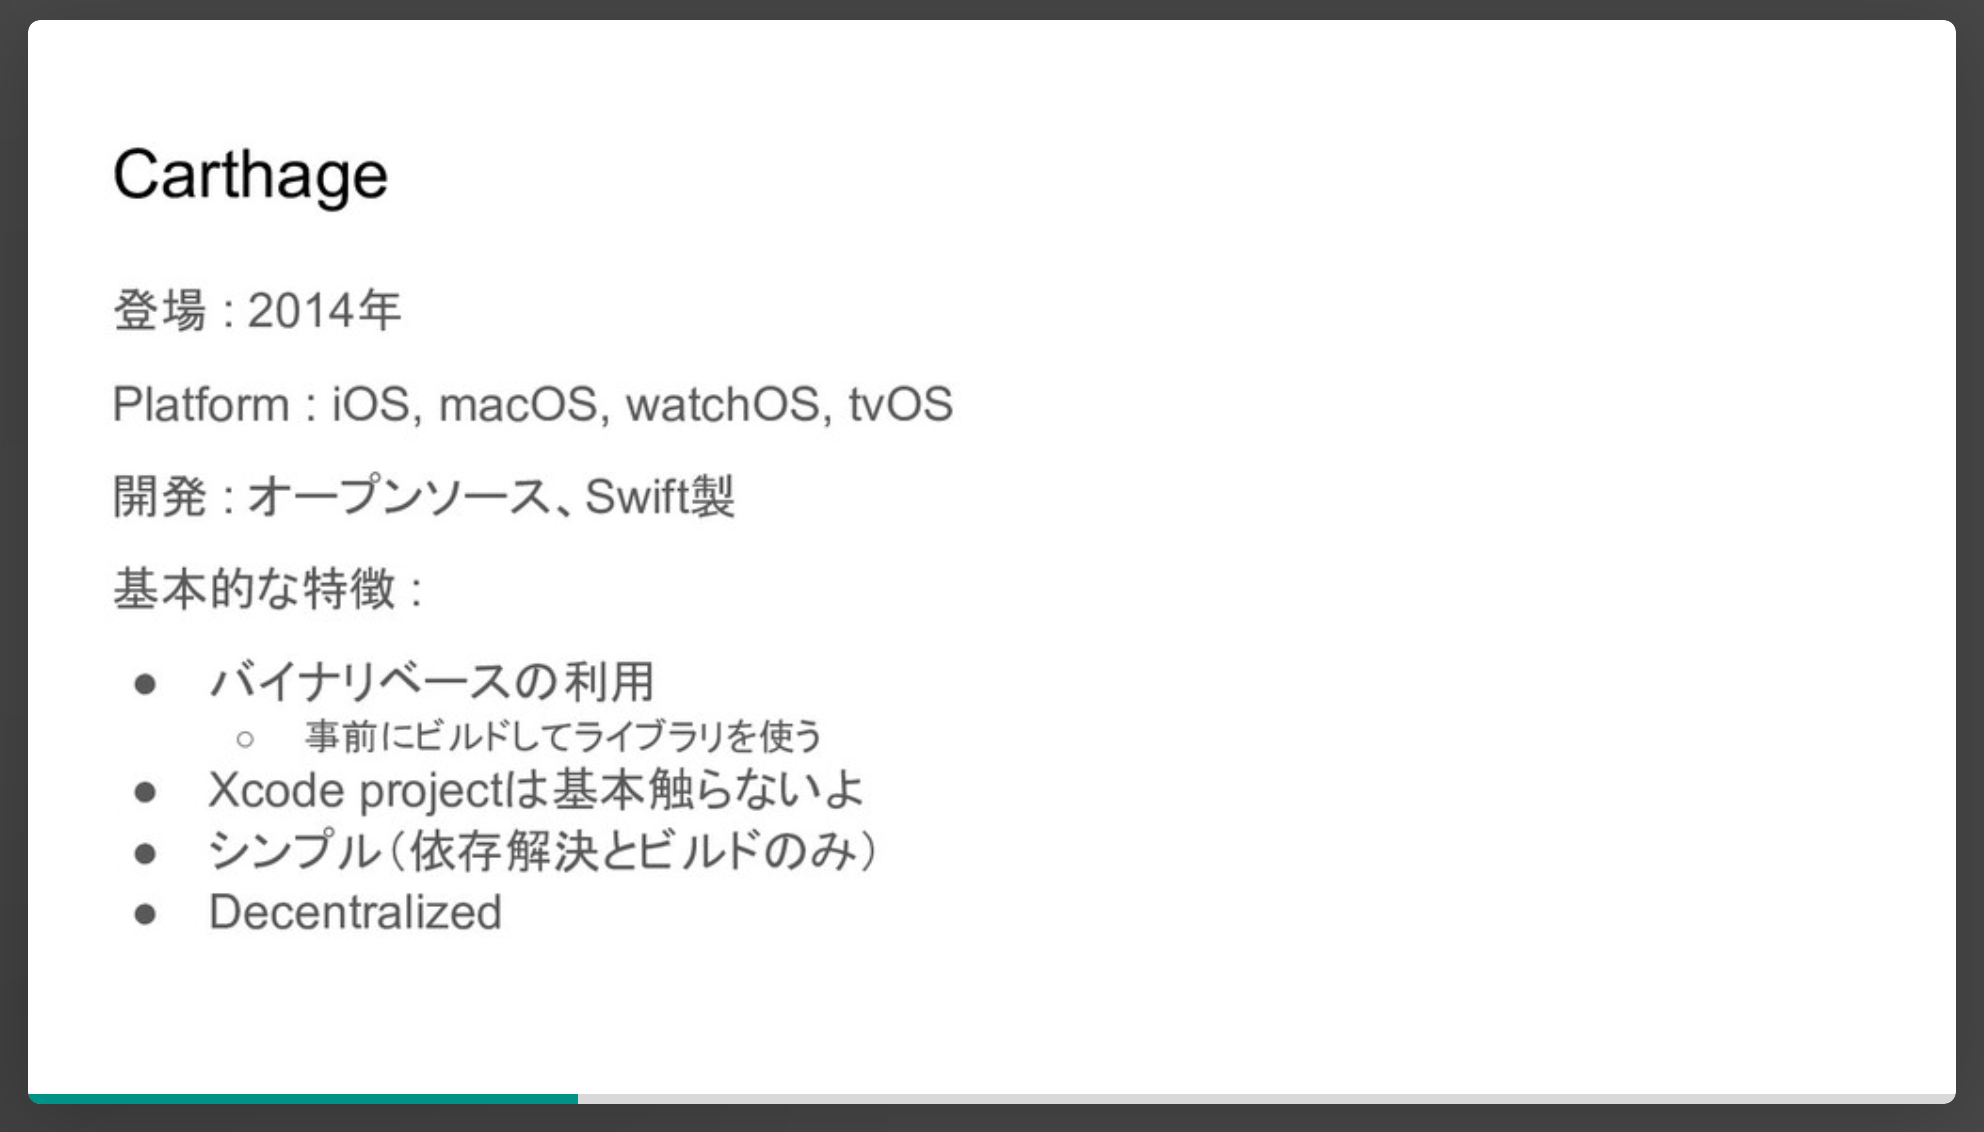 スクリーンショット 2021-09-18 10.25.48.png